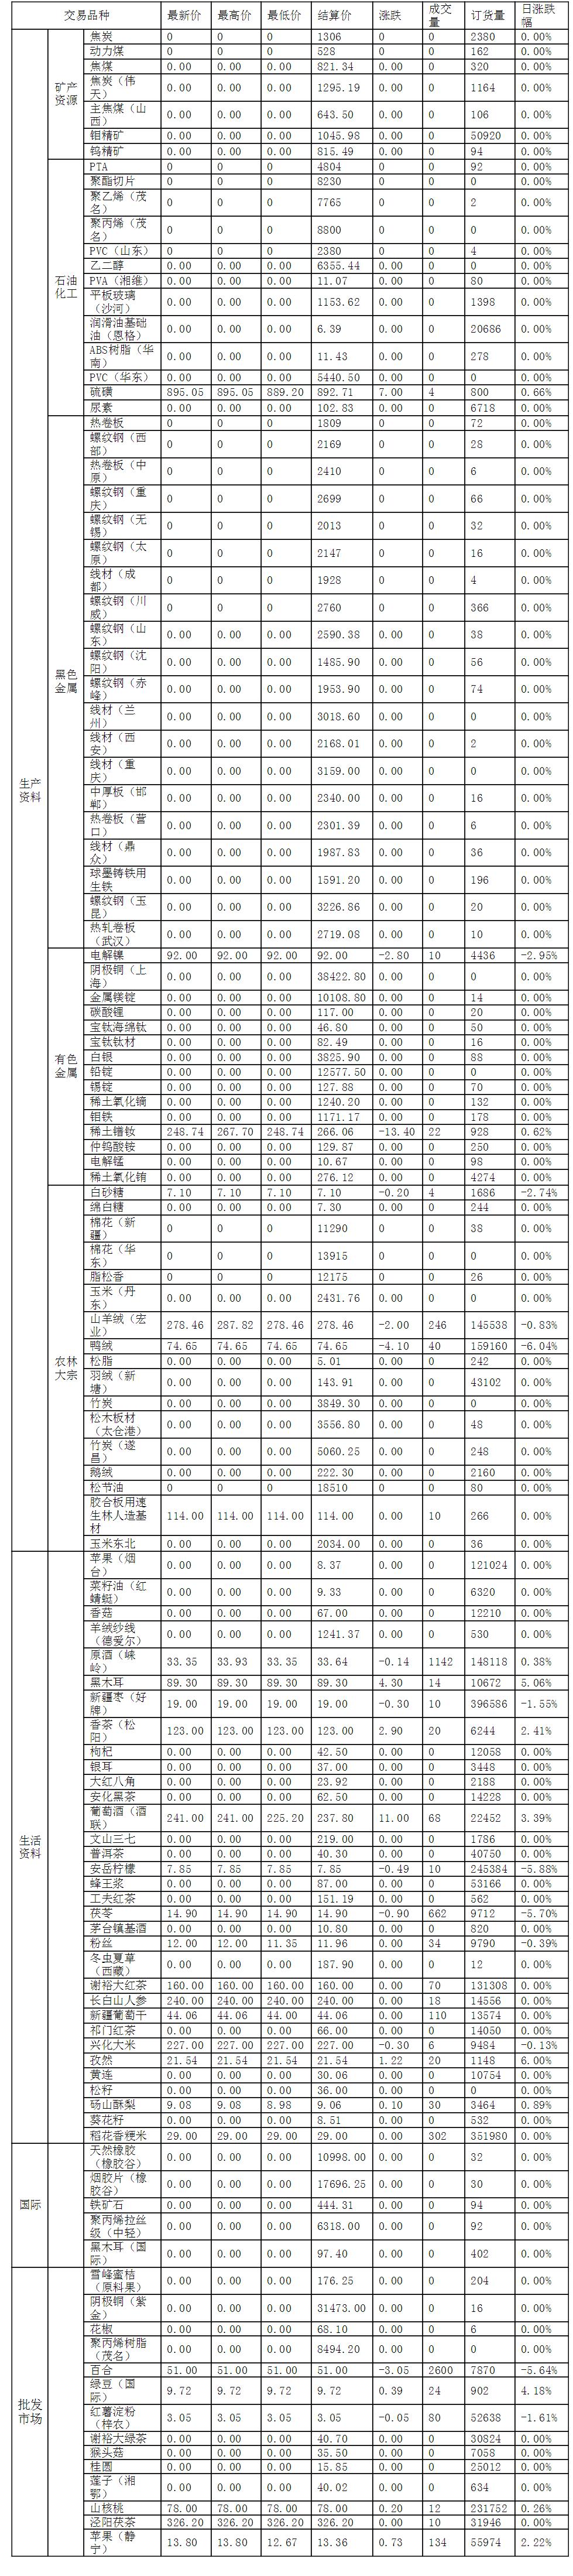 2016年12月8日渤海商品交易所每日行情